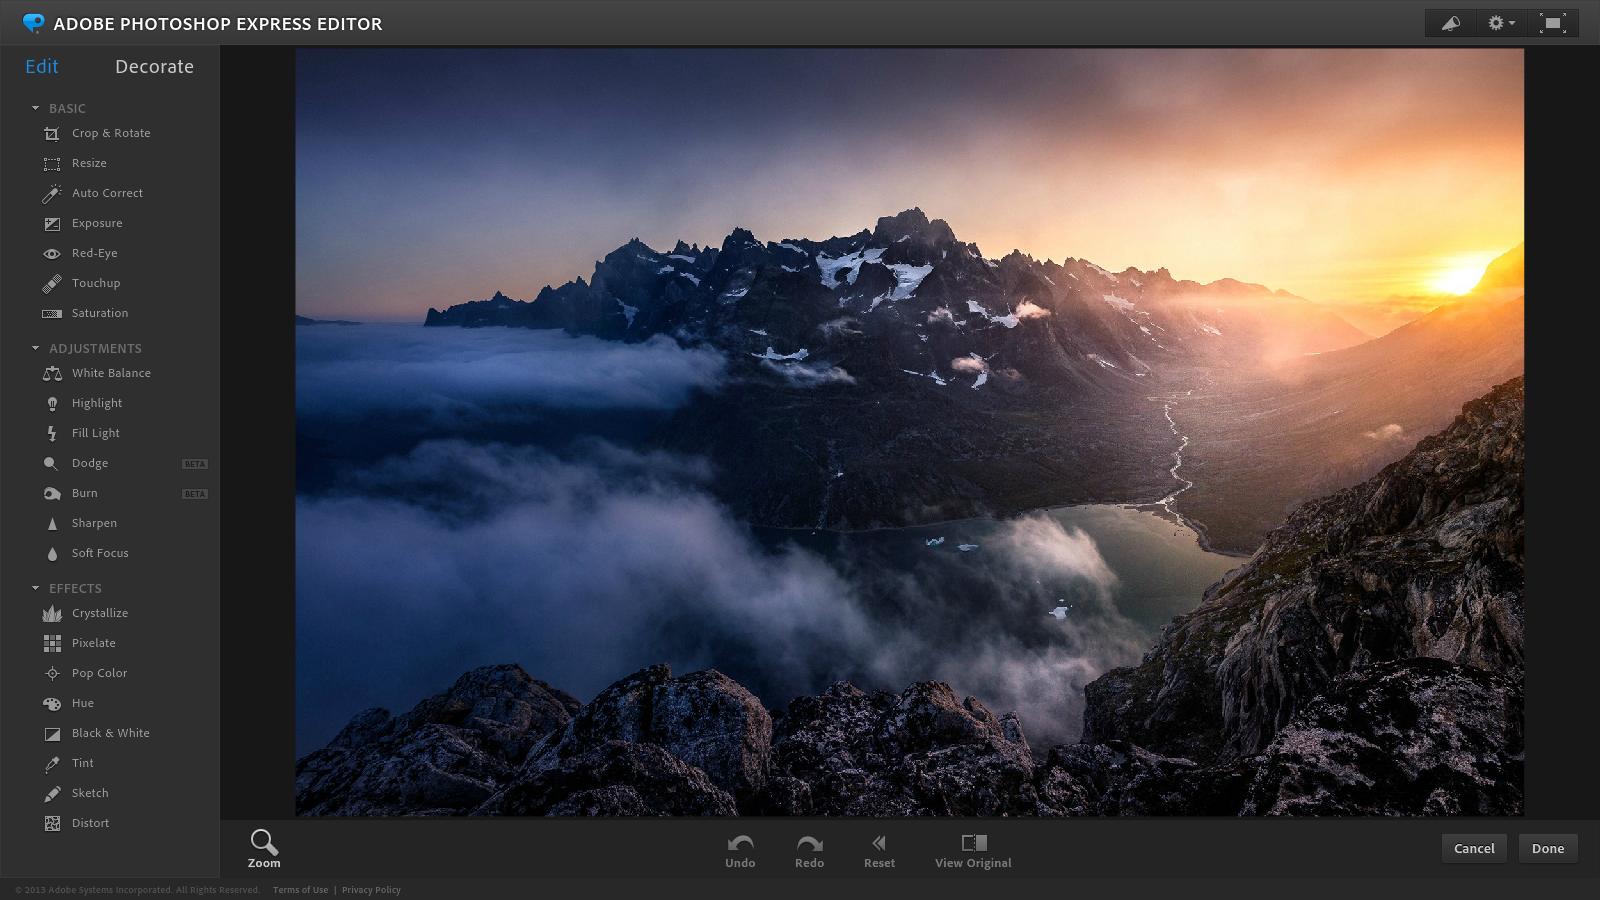 Adobe photoshop express está entre os melhores editores de fotos